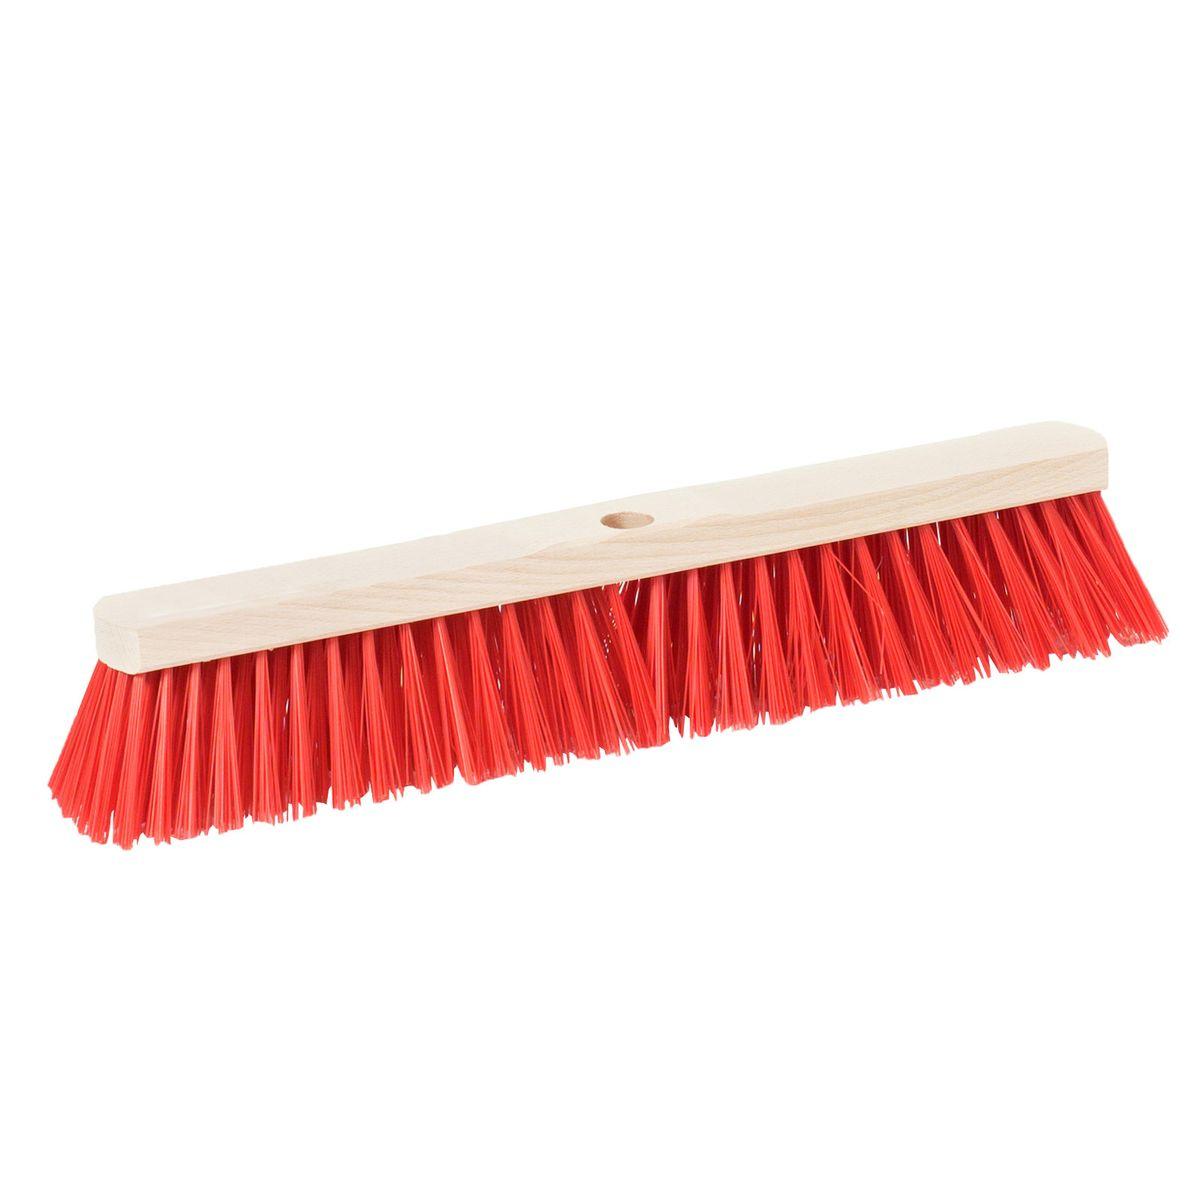 HorZe Stable Broom Head